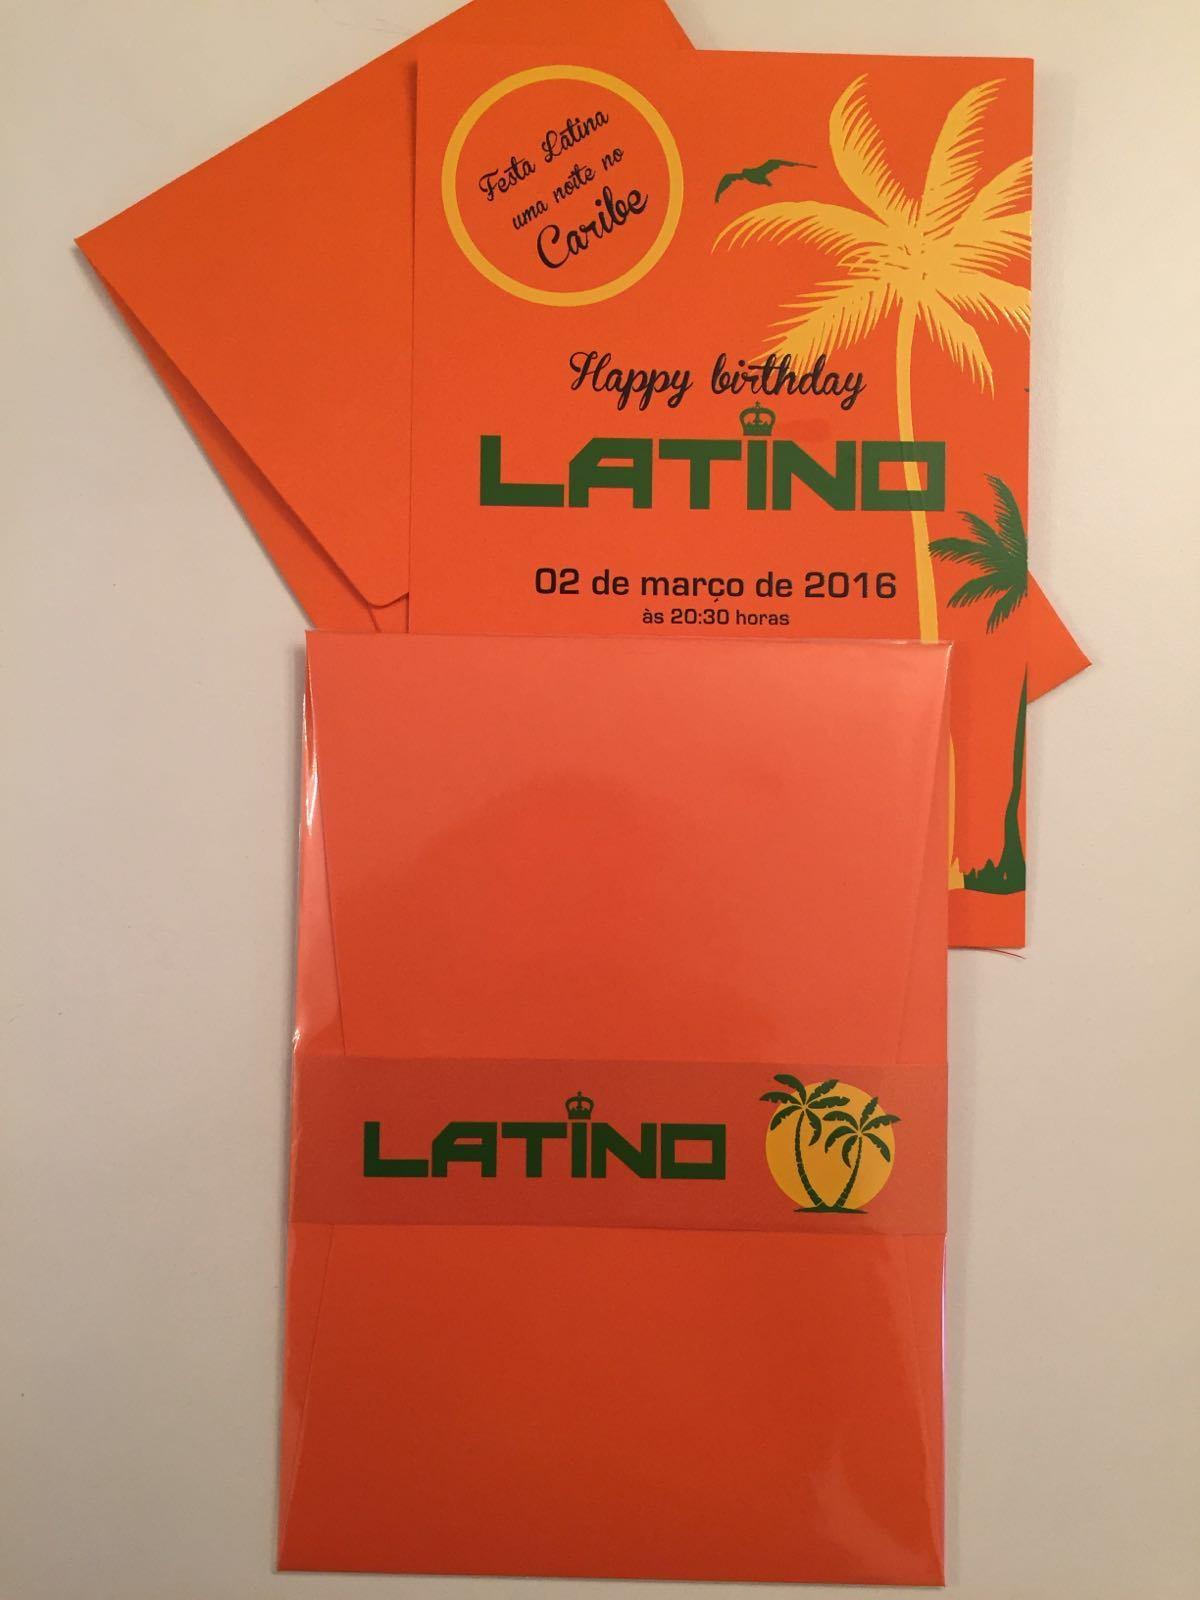 Veja o convite da festa de aniversário de Latino avaliada em R$ 200 mil